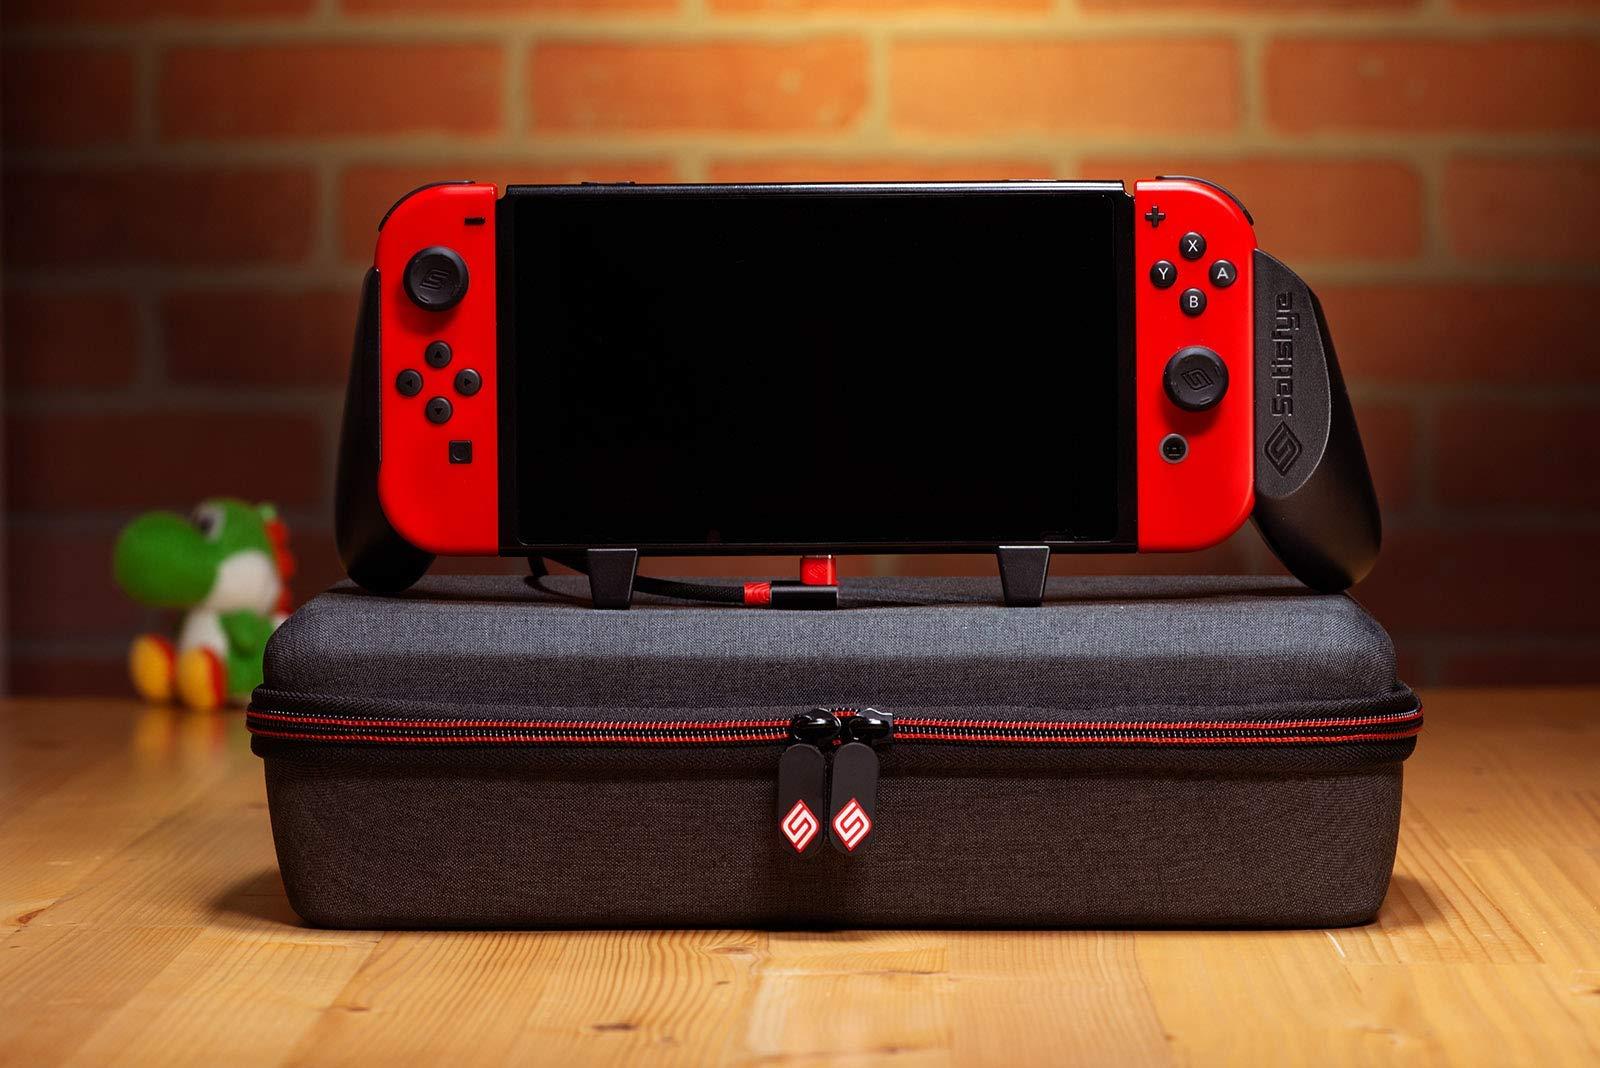 L'impugnatura e la custodia da gioco Satisfye, i migliori accessori Nintendo Switch.